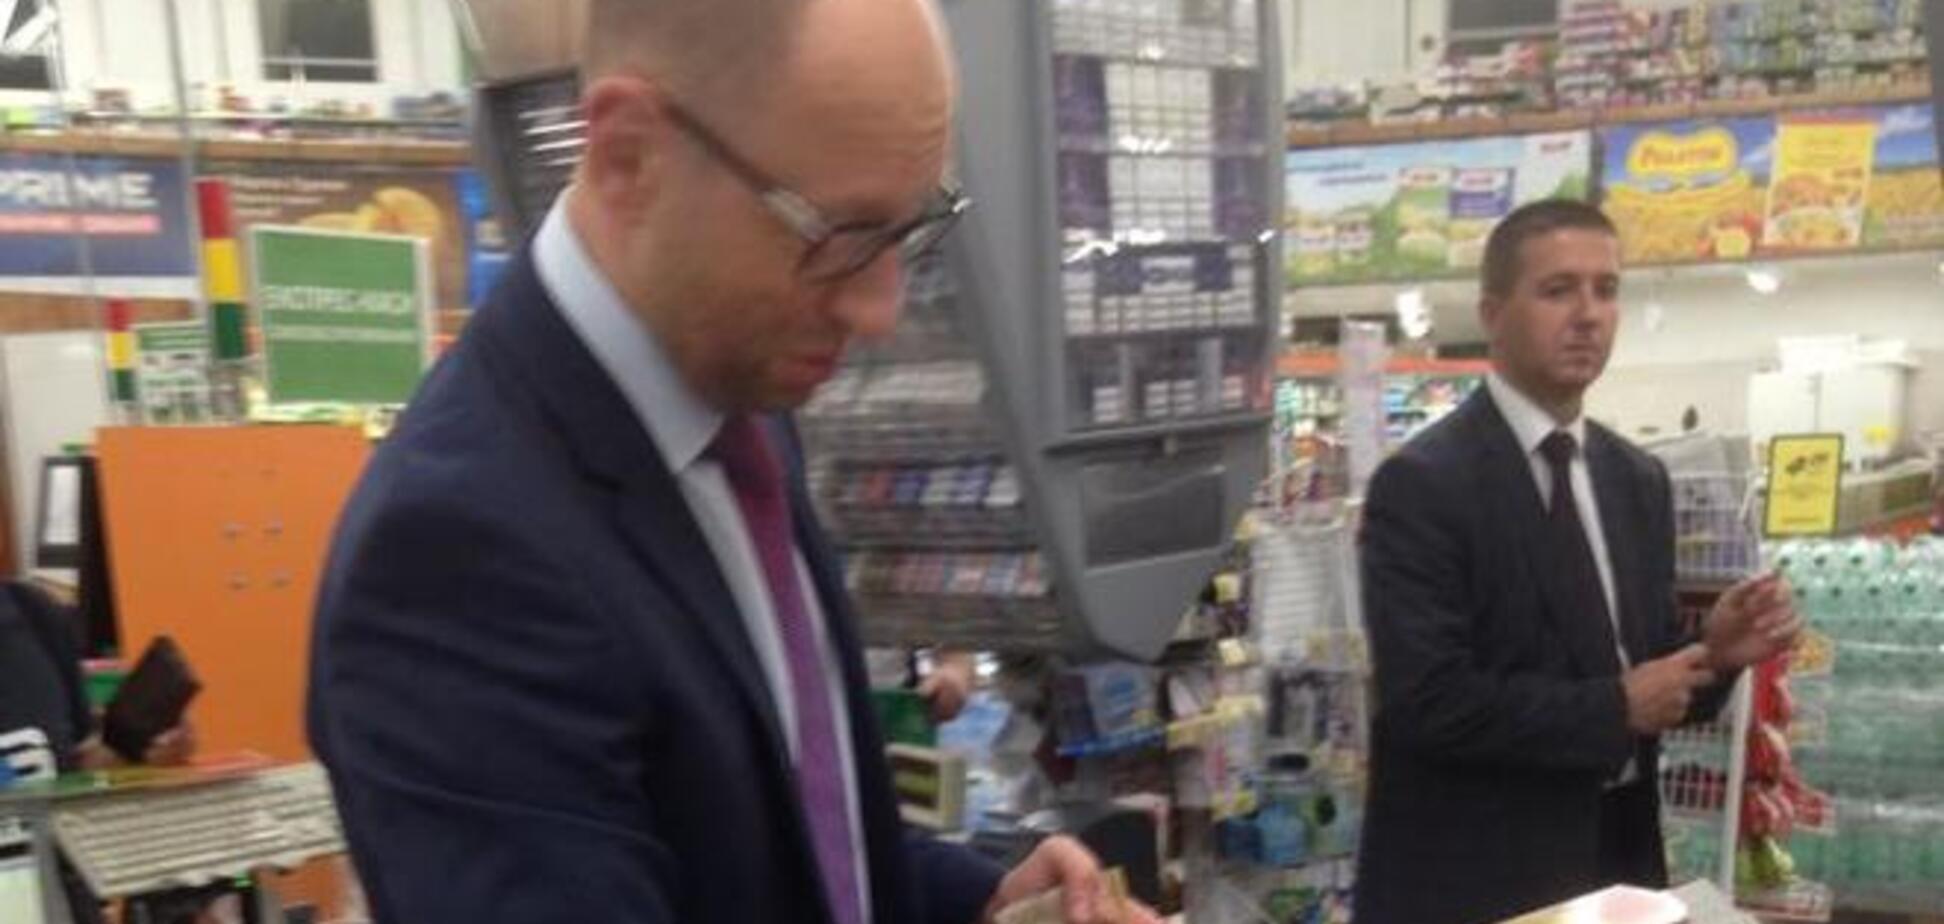 Яценюка 'поймали' на кассе в супермаркете